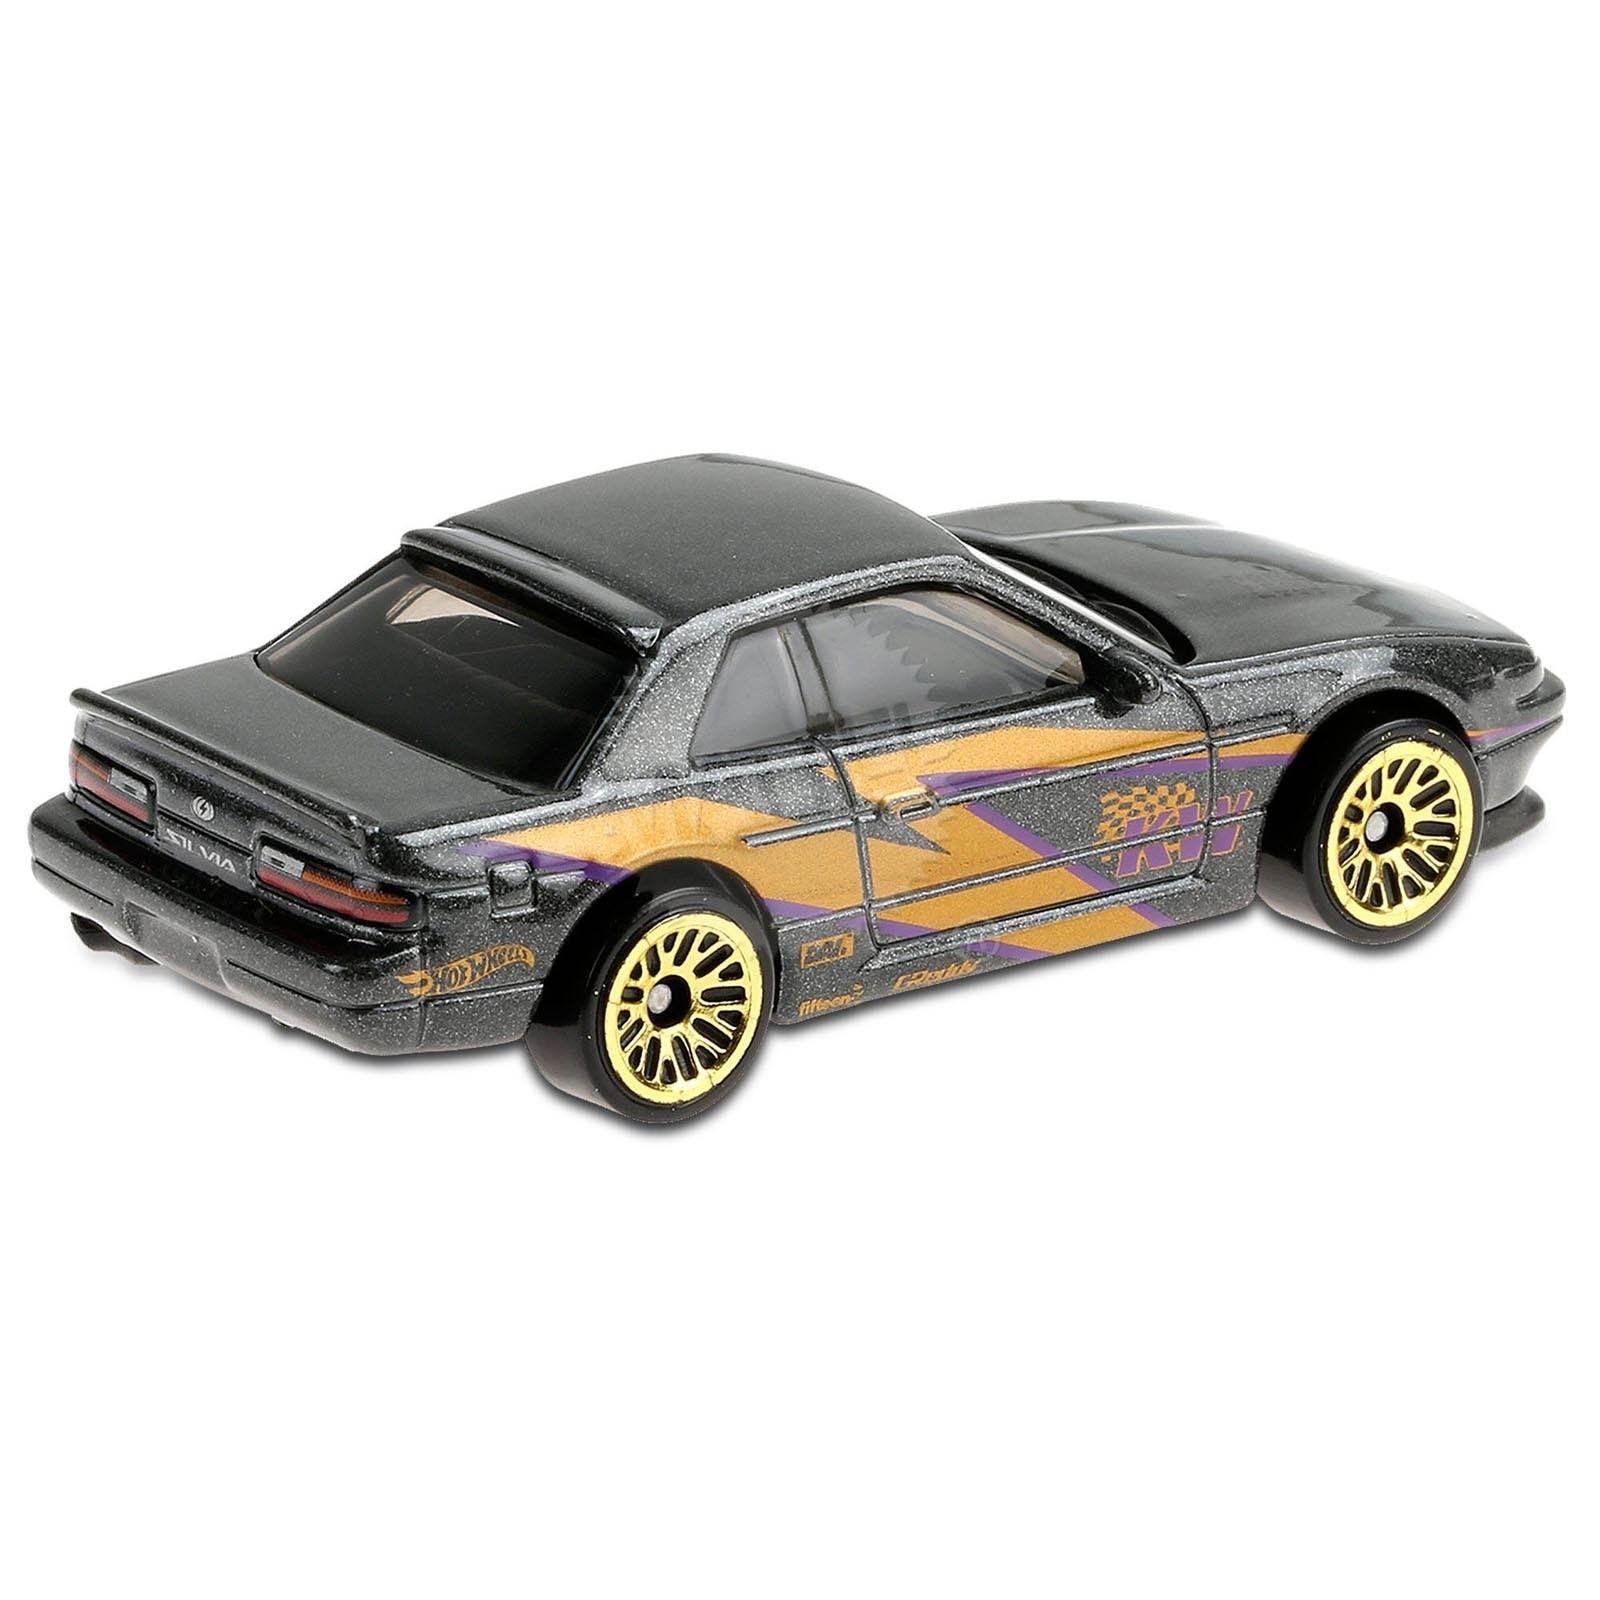 Hot Wheels Nissan Silvia S13 Ghb40 Escala Miniaturas By Mao Na Roda 4x4